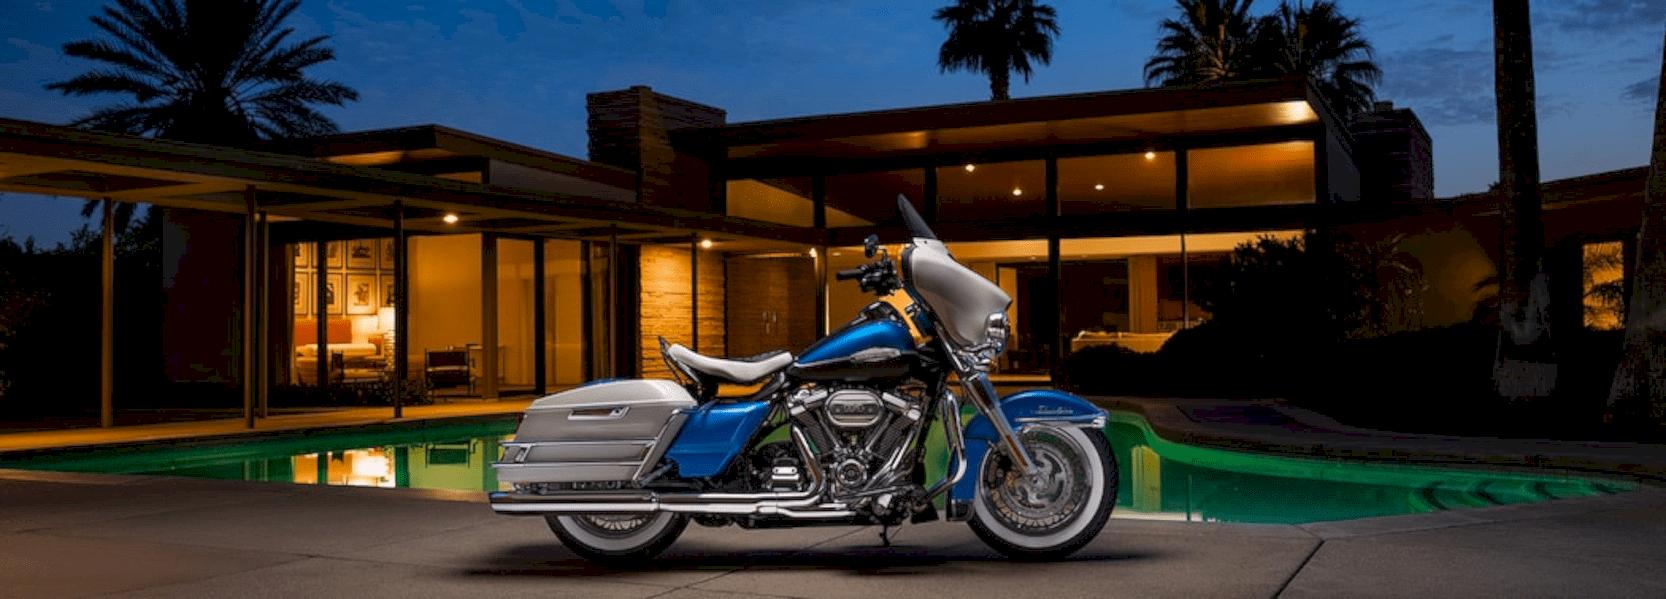 Harley Davidson Electra Glide Revival 3